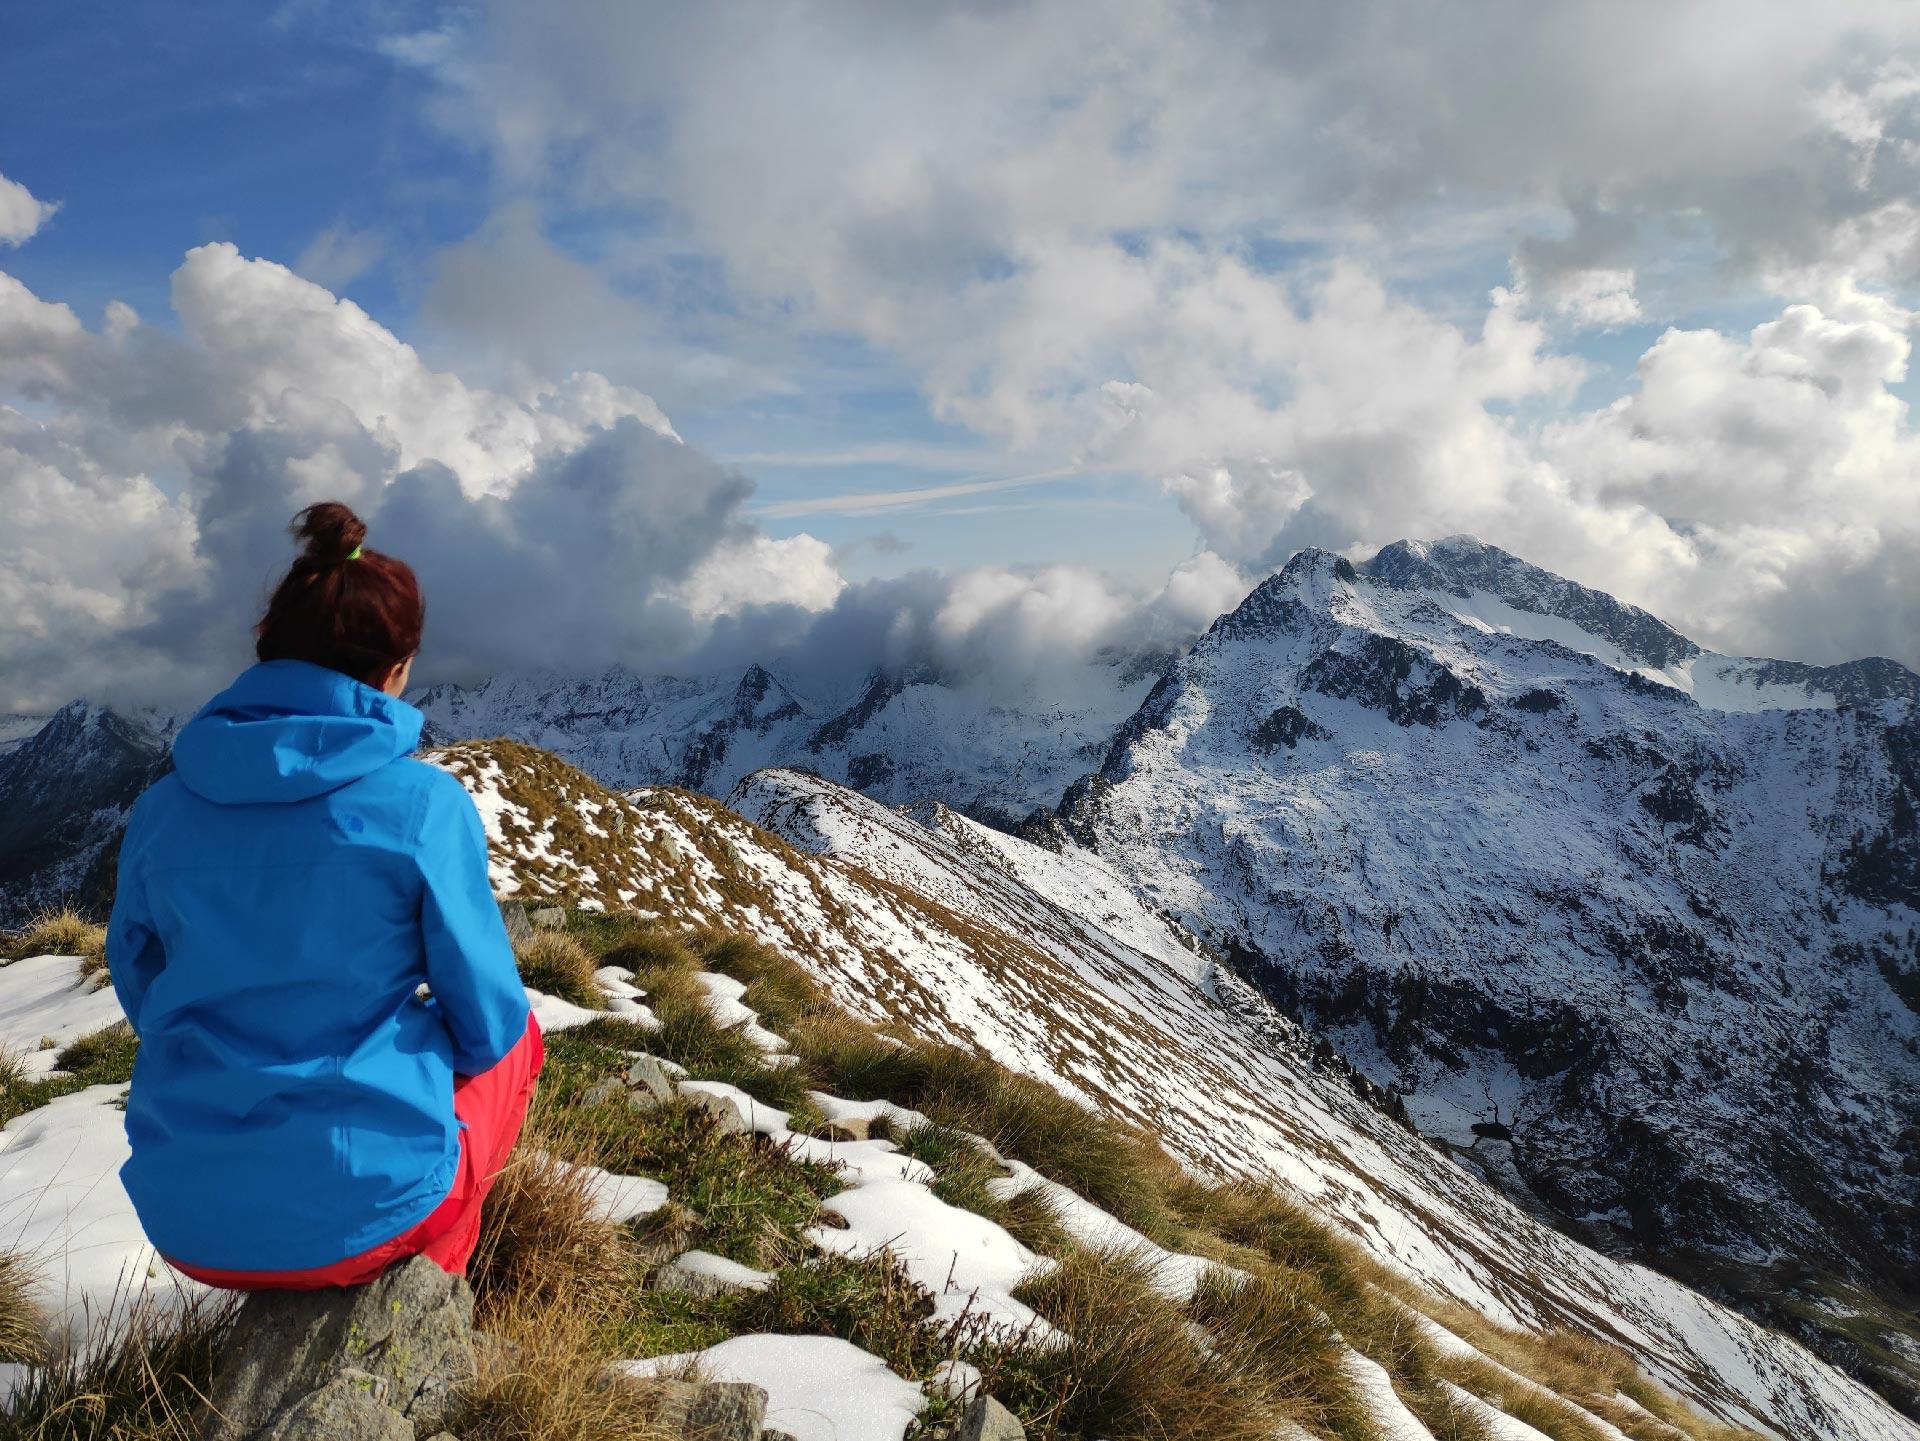 panorama dalla cima del Monte Lago, veduta delle montagne innevate, Valle del Bitto, Lombardia